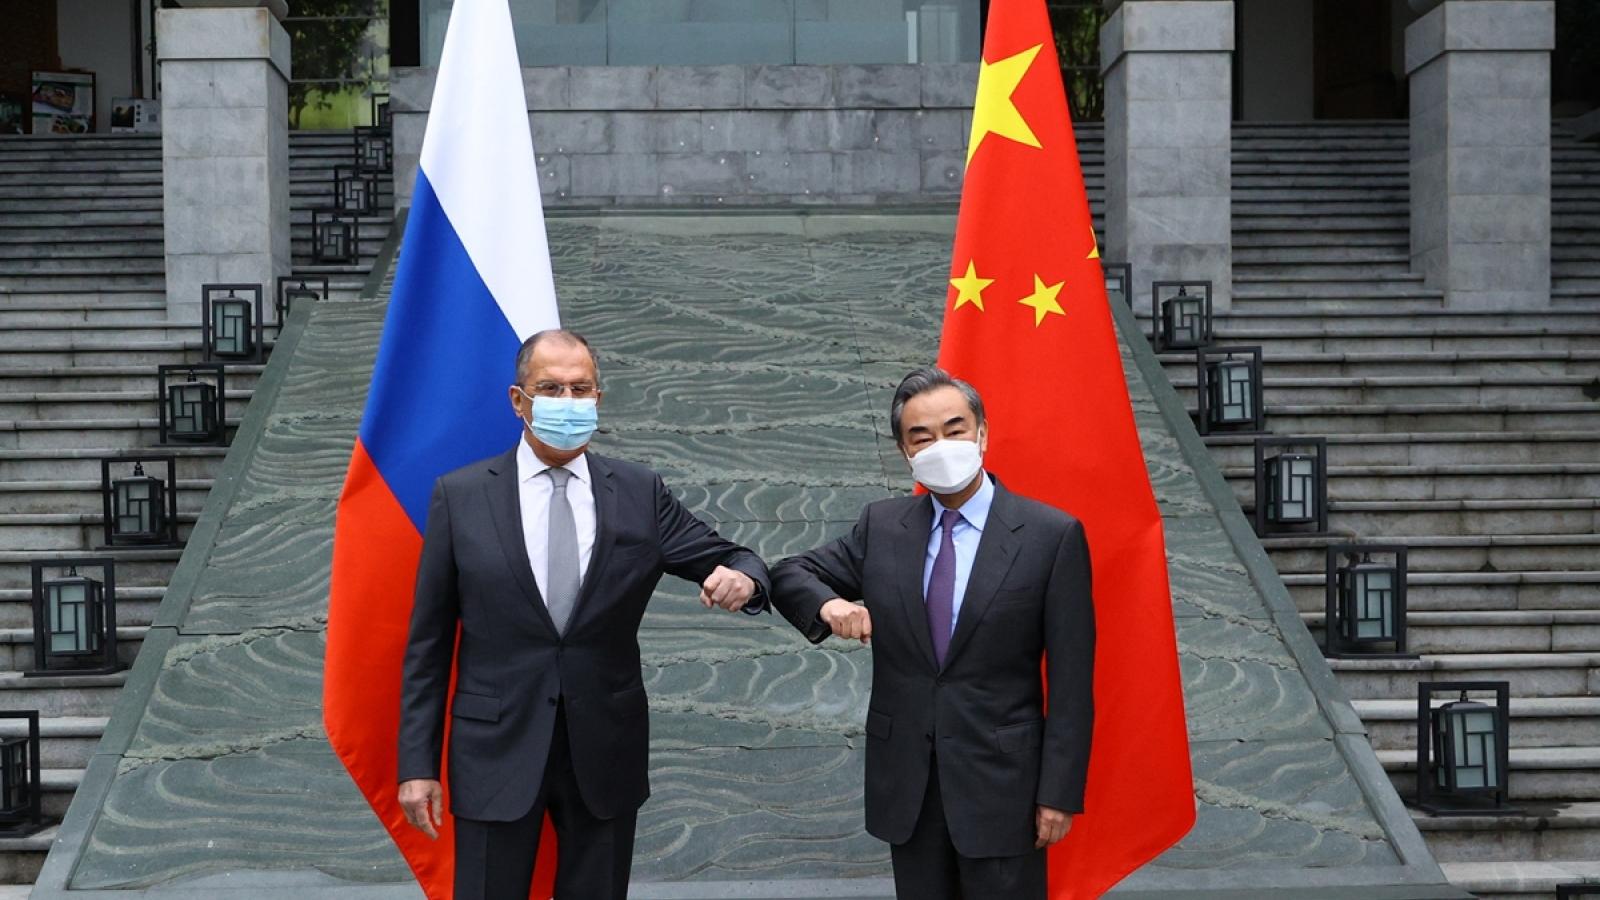 Ngoại trưởng Trung Quốc và Nga cùng lên tiếng chỉ trích Mỹ